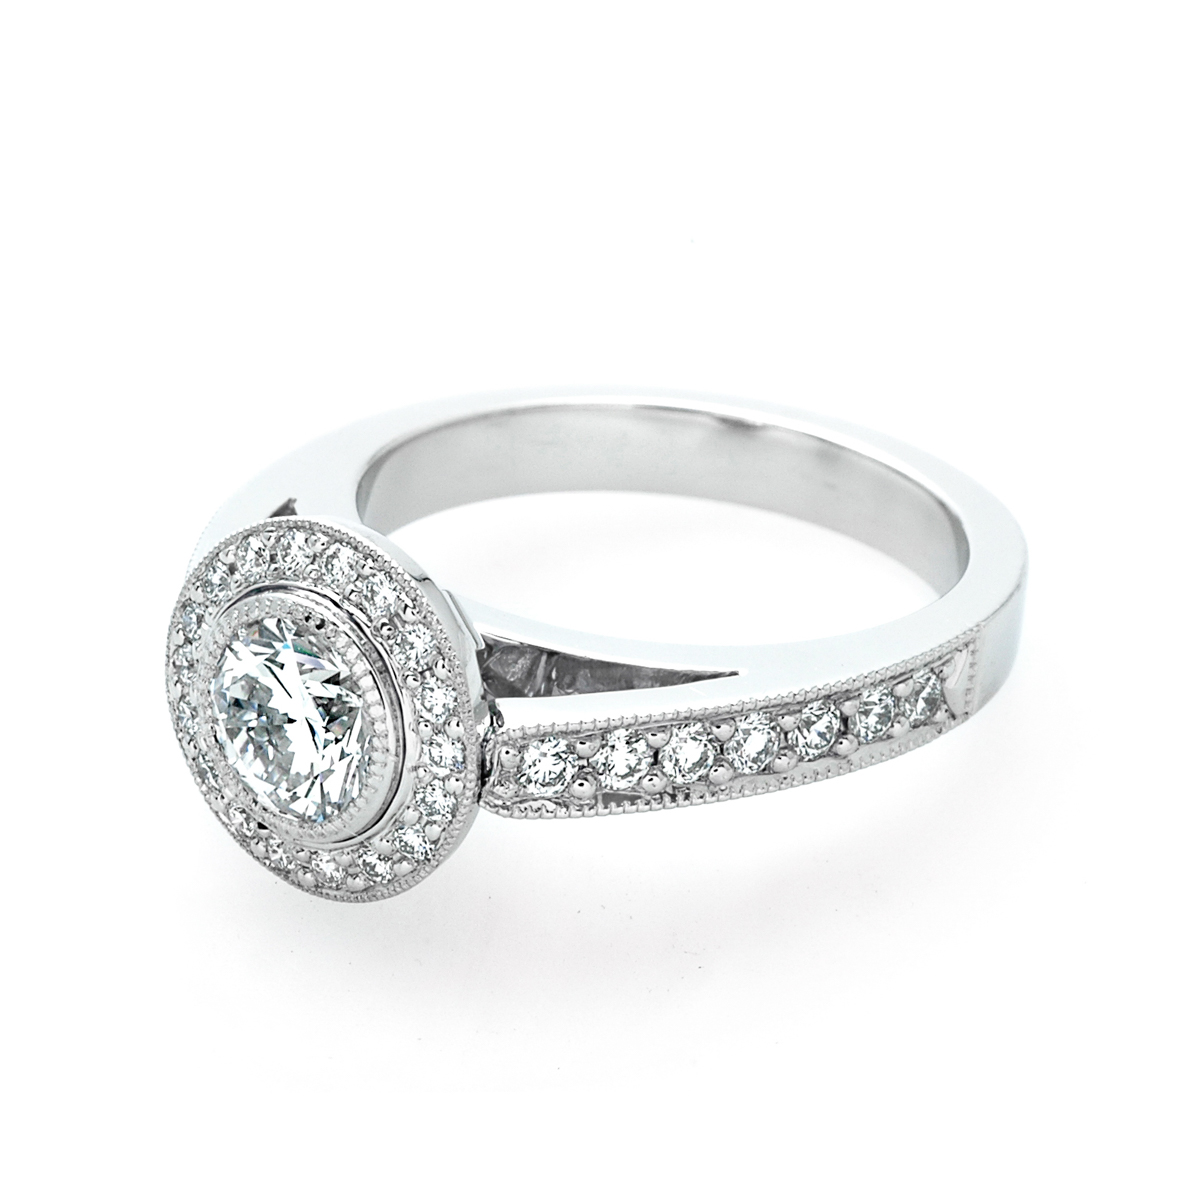 Galaxy wedding rings